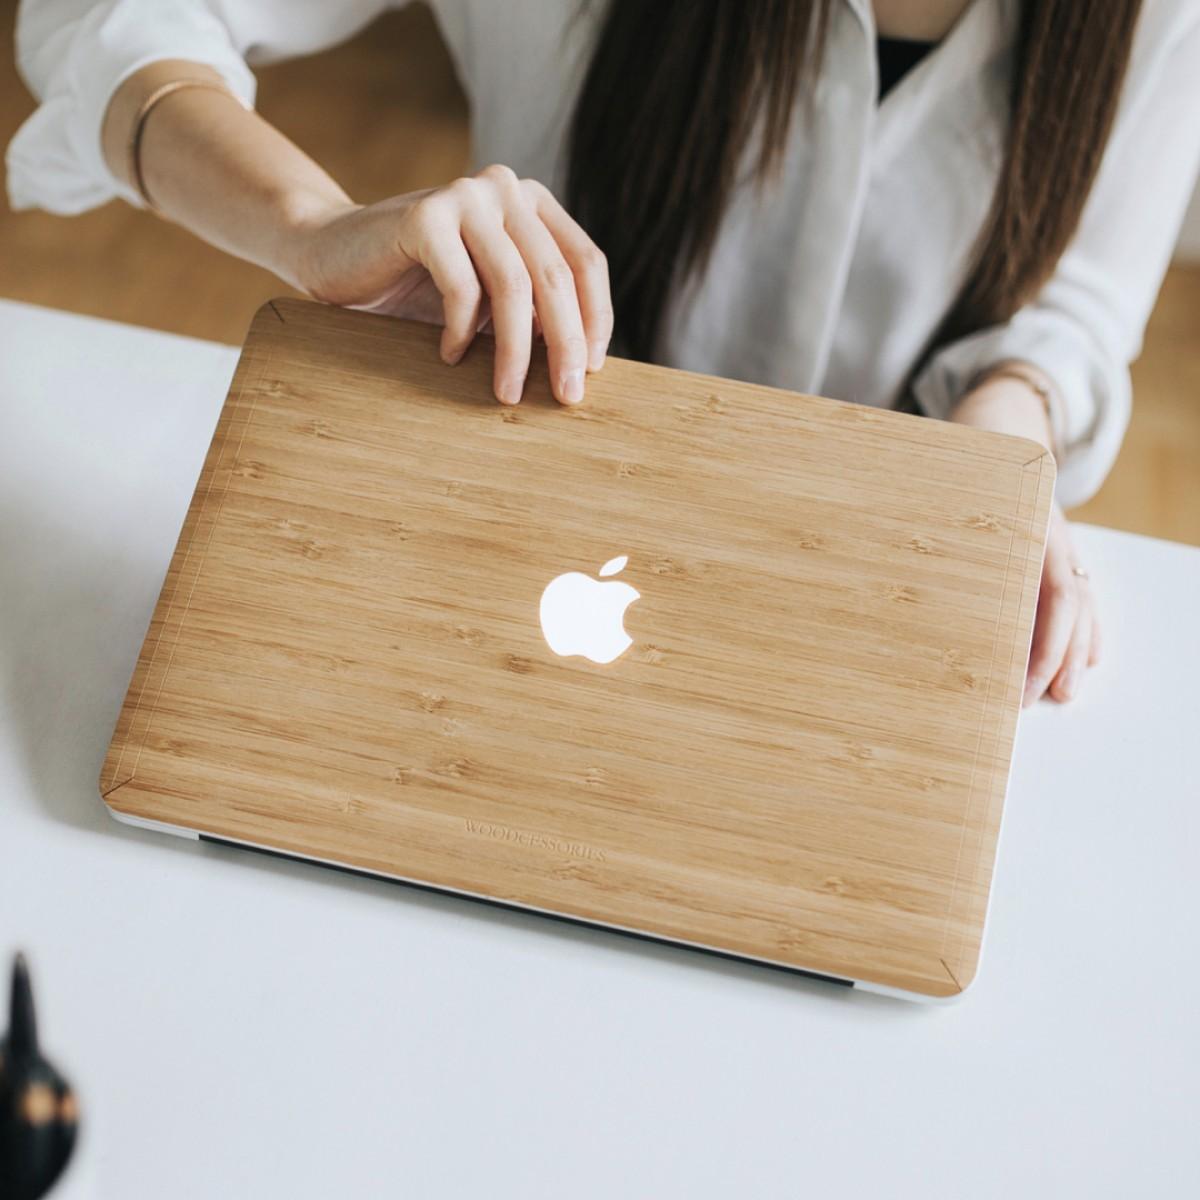 Woodcessories - EcoSkin - Design Apple Macbook Cover, Skin, Schutz für das Macbook mit Apfellogo aus FSC zert. Holz (Macbook 13 Air & Pro, Bambus)